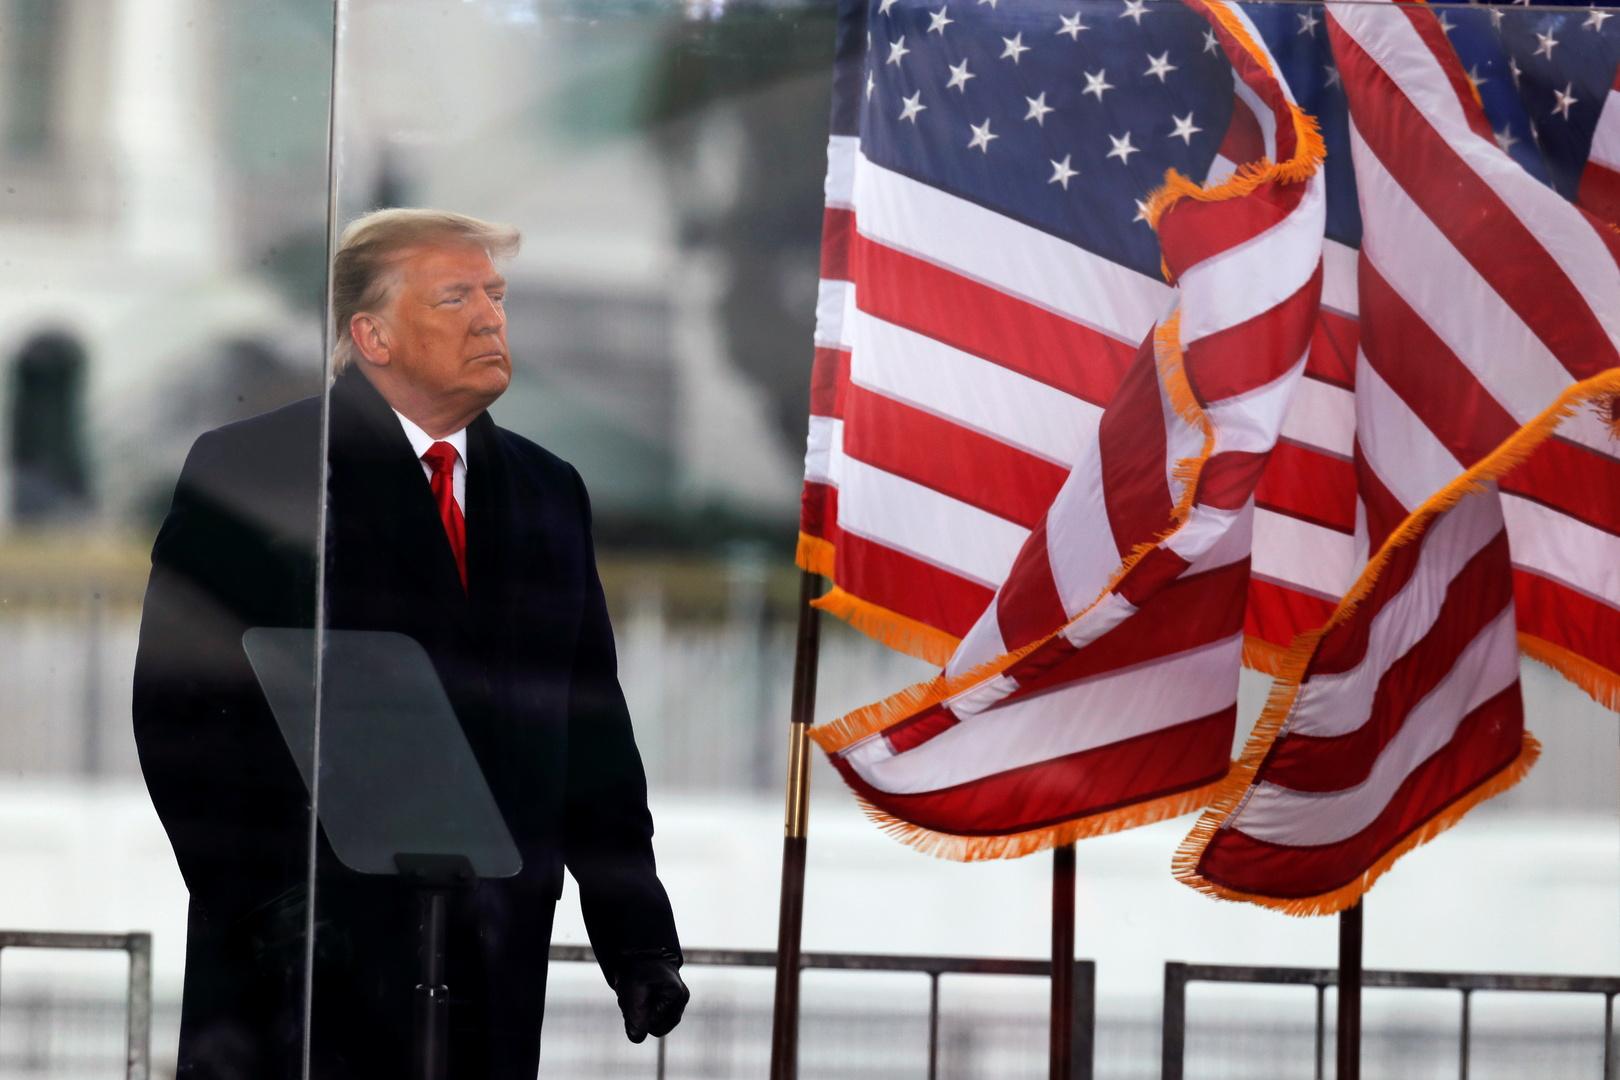 ترامب يهاجم بنس: لم يتحلّ بالشجاعة المطلوبة لحماية بلادنا